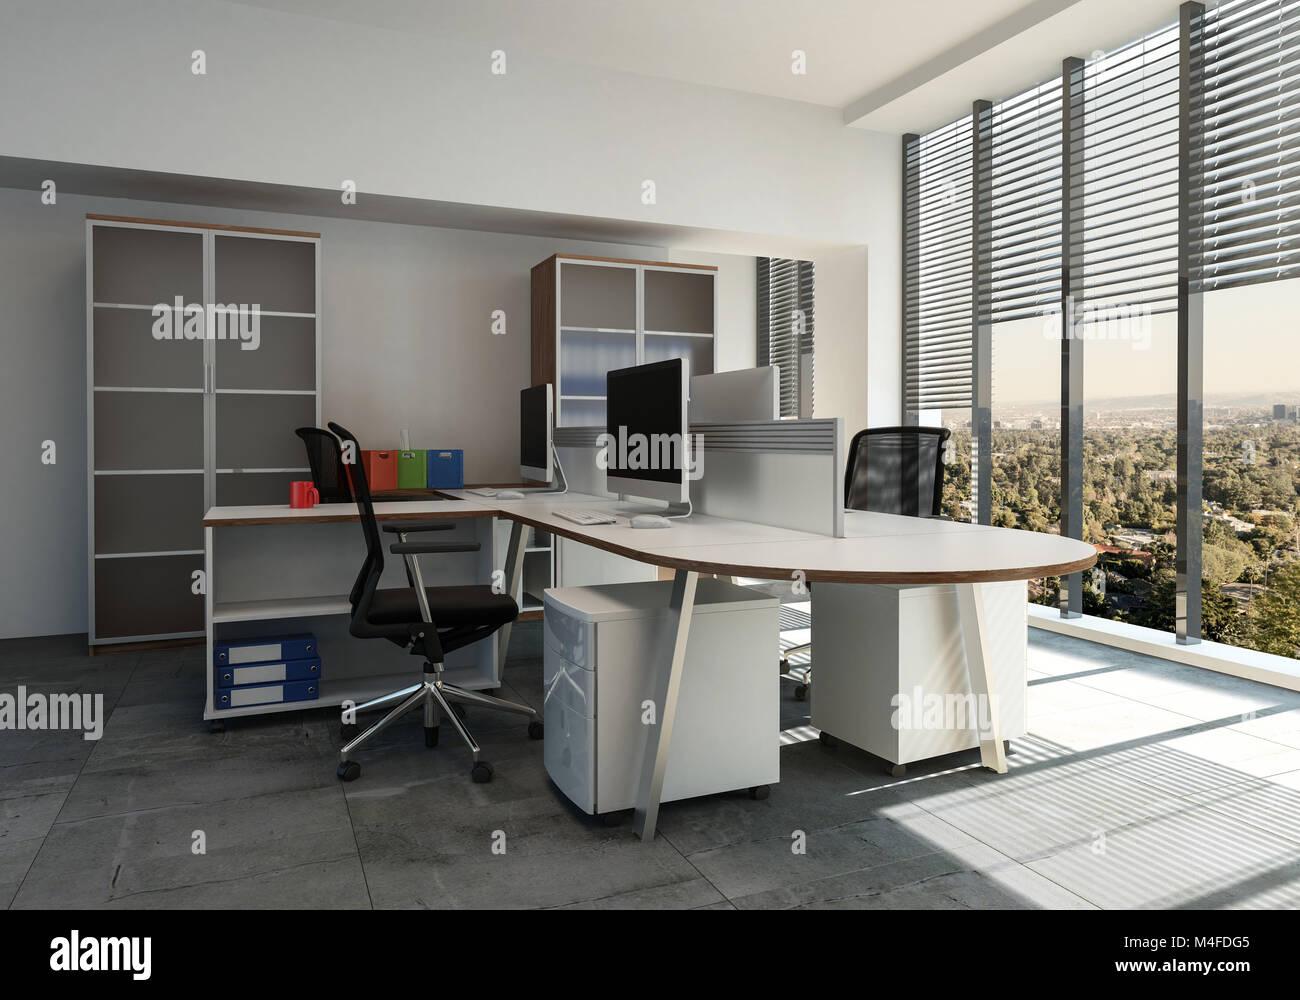 Ufficio Moderno Foto : Ufficio moderno interno con grandi finestre dotata di persiane e